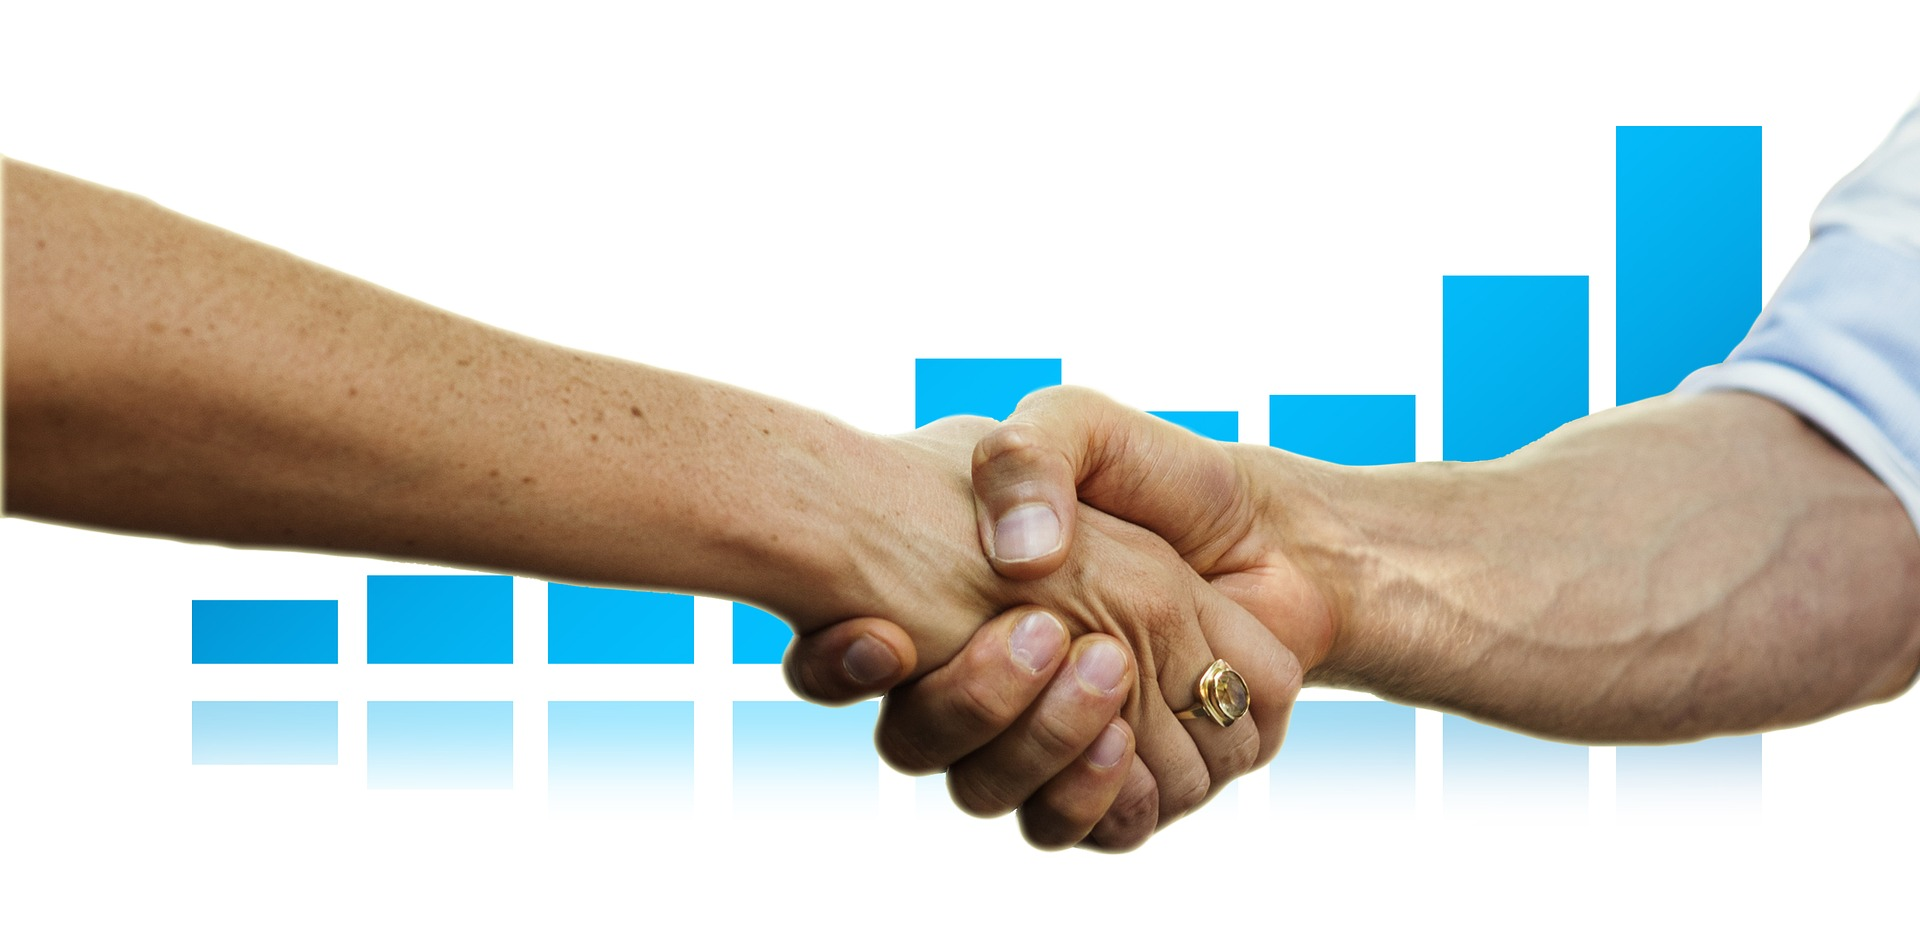 rinegoziazione-di-un-contratto-di-locazione-da-parte-del-comune-presupposti-e-limiti